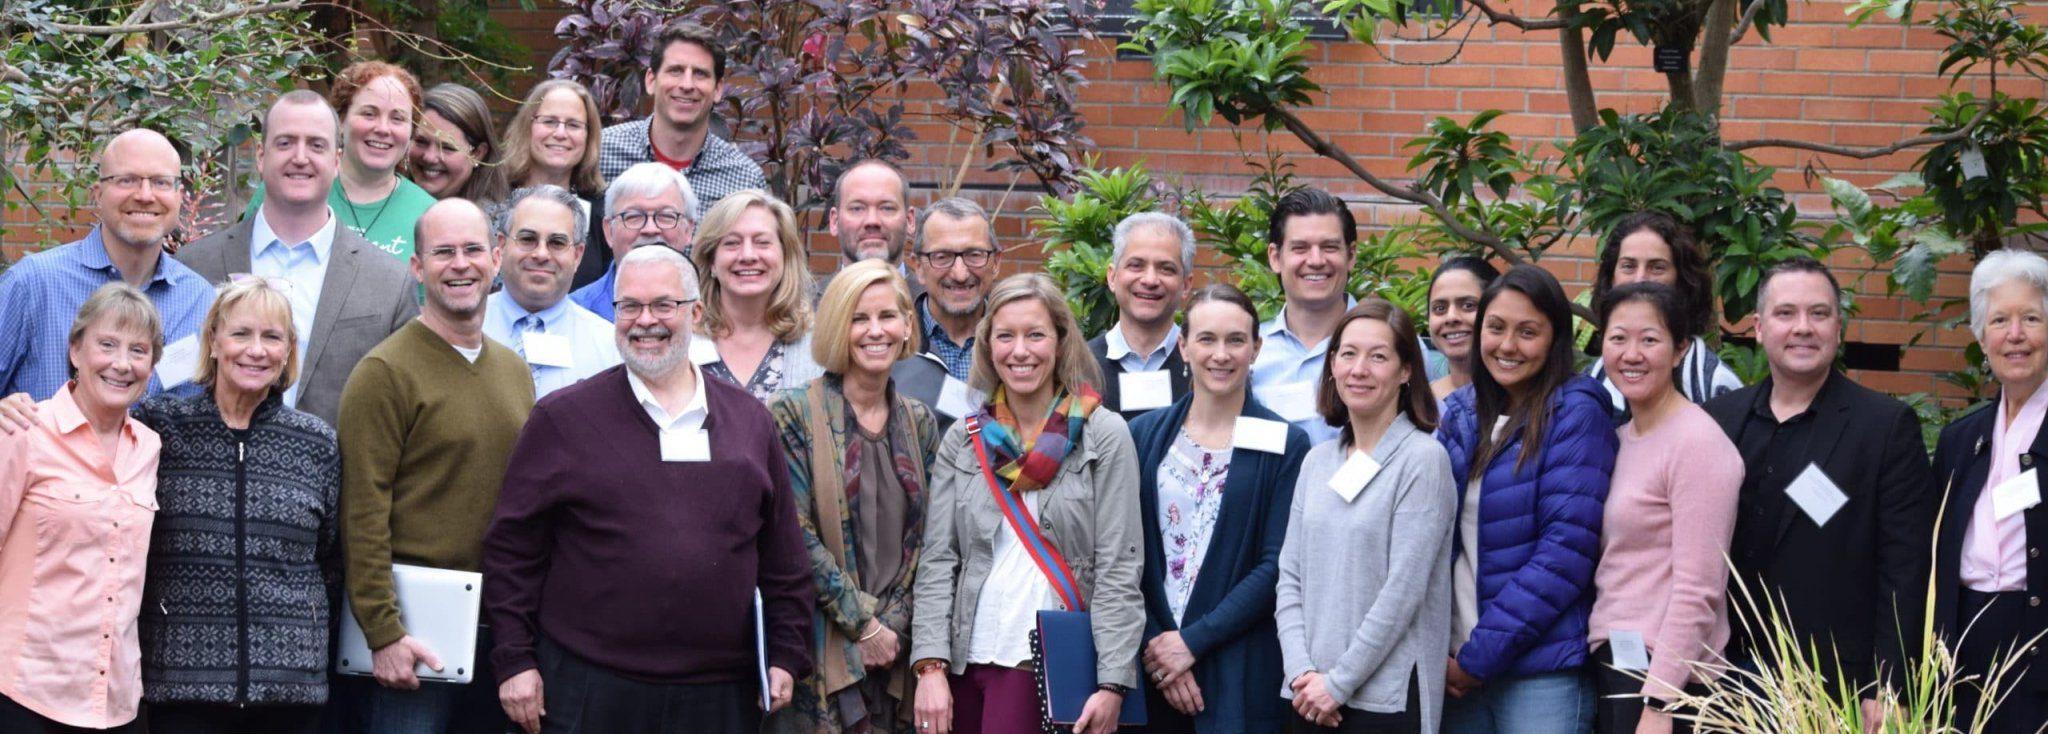 CPRN Investigators in Ann Arbor